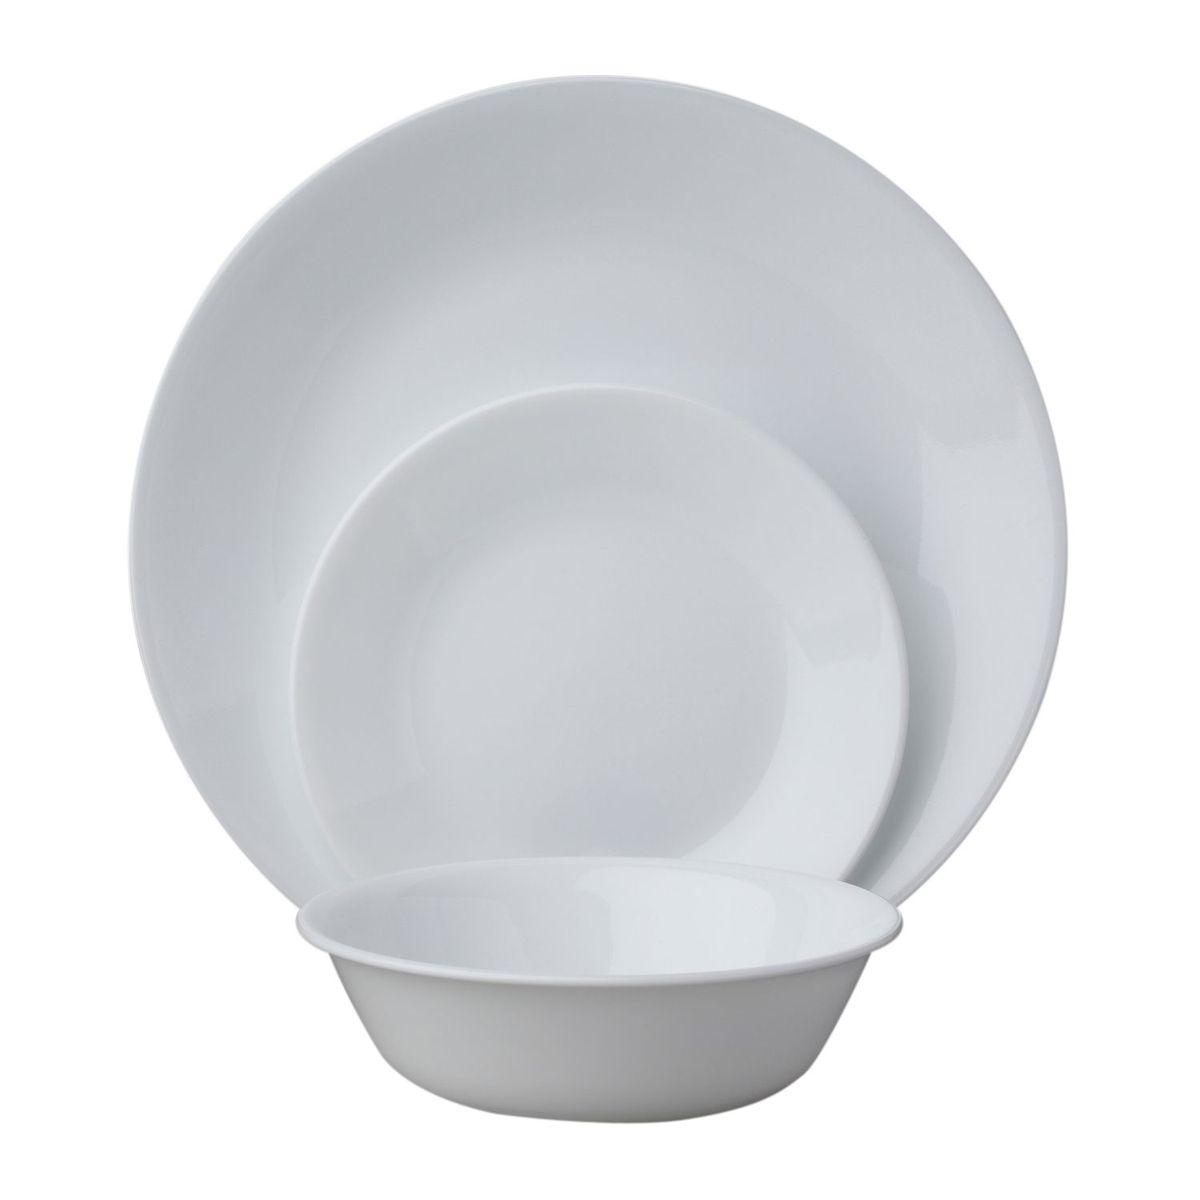 Набор посуды Winter Frost White 18пр, цвет: белый115510Преимуществами посуды Corelle являются долговечность, красота и безопасность в использовании. Вся посуда Corelle изготавливается из высококачественного ударопрочного трехслойного стекла Vitrelle и украшена деколями американских и европейских дизайнеров. Рисунки не стираются и не царапаются, не теряют свою яркость на протяжении многих лет. Посуда Corelle не впитывает запахов и очень долгое время выглядит как новая. Уникальная эмаль, используемая во время декорирования, фактически становится единым целым с поверхностью стекла, что гарантирует долгое сохранение нанесенного рисунка. Еще одним из главных преимуществ посуды Corelle является ее безопасность. В производстве используются только безопасные для пищи пигменты эмали, при производстве посуды не применяется вредный для здоровья человека меламин. Изделия из материала Vitrelle: Прочные и легкие; Выдерживают температуру до 180С; Могут использоваться в посудомоечной машине и микроволновой печи; Штабелируемые; Устойчивы к царапинам; Ударопрочные; Не содержит меламин.6 обеденных тарелок 26 см; 6 десертных тарелок 17 см; 6 суповых тарелок 530 мл